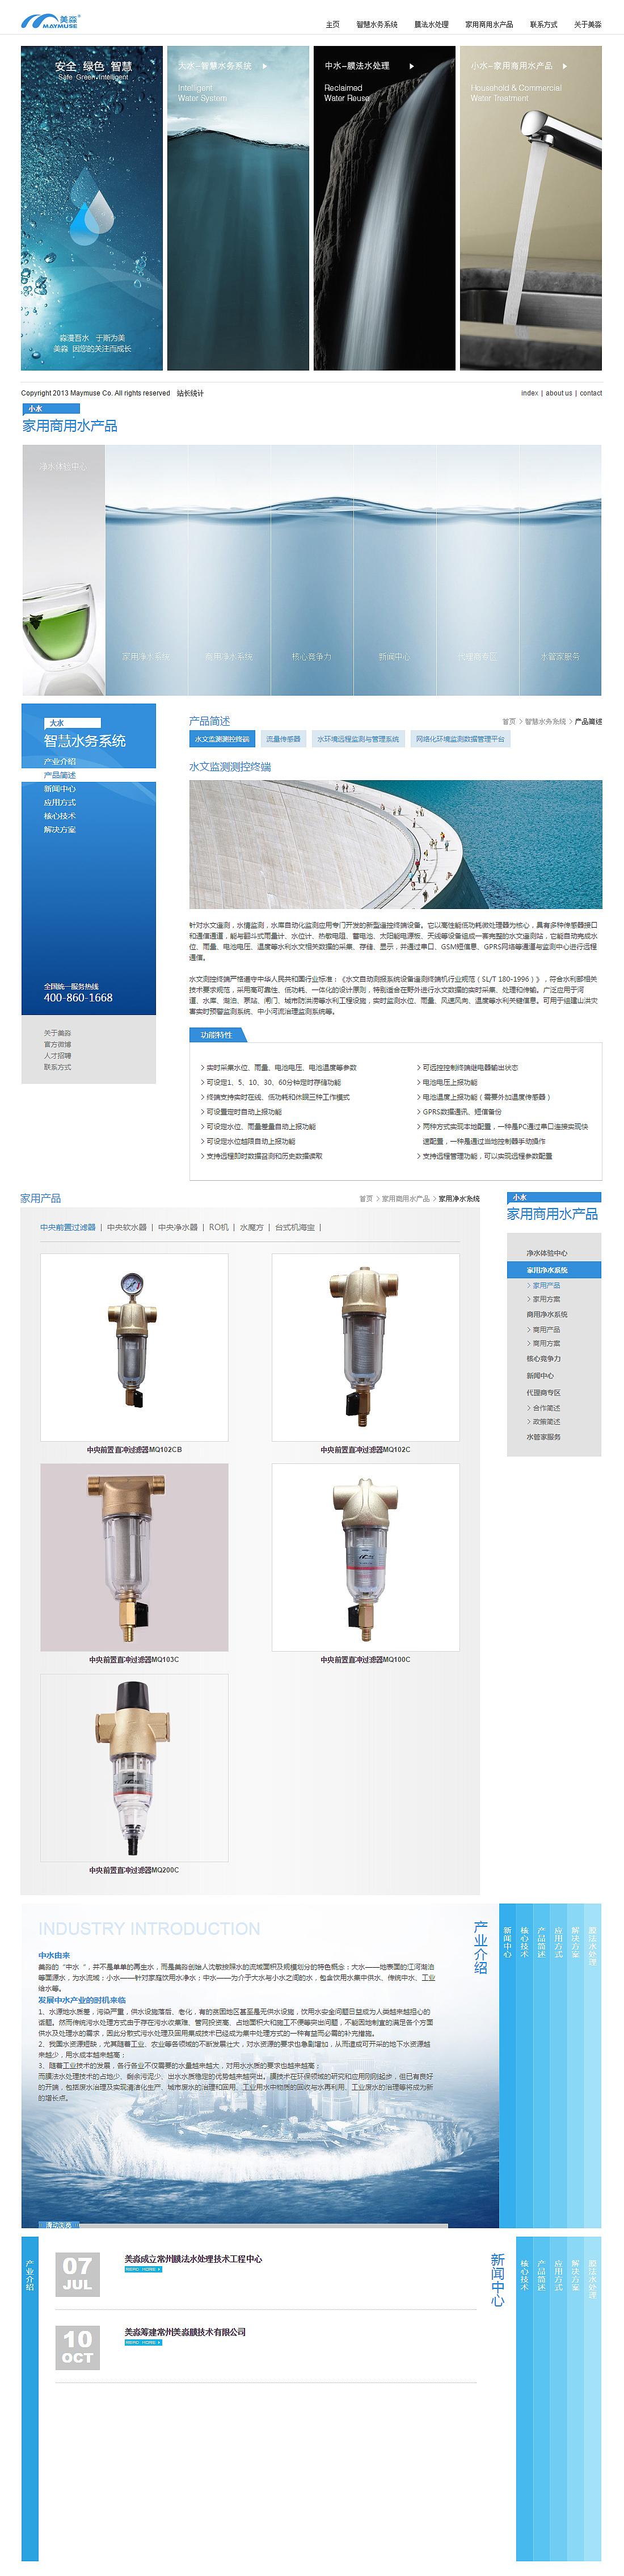 工业产品设计网站_水产品网站设计,盛唐网站建设,logo设计,平面设计,包装设计 ...